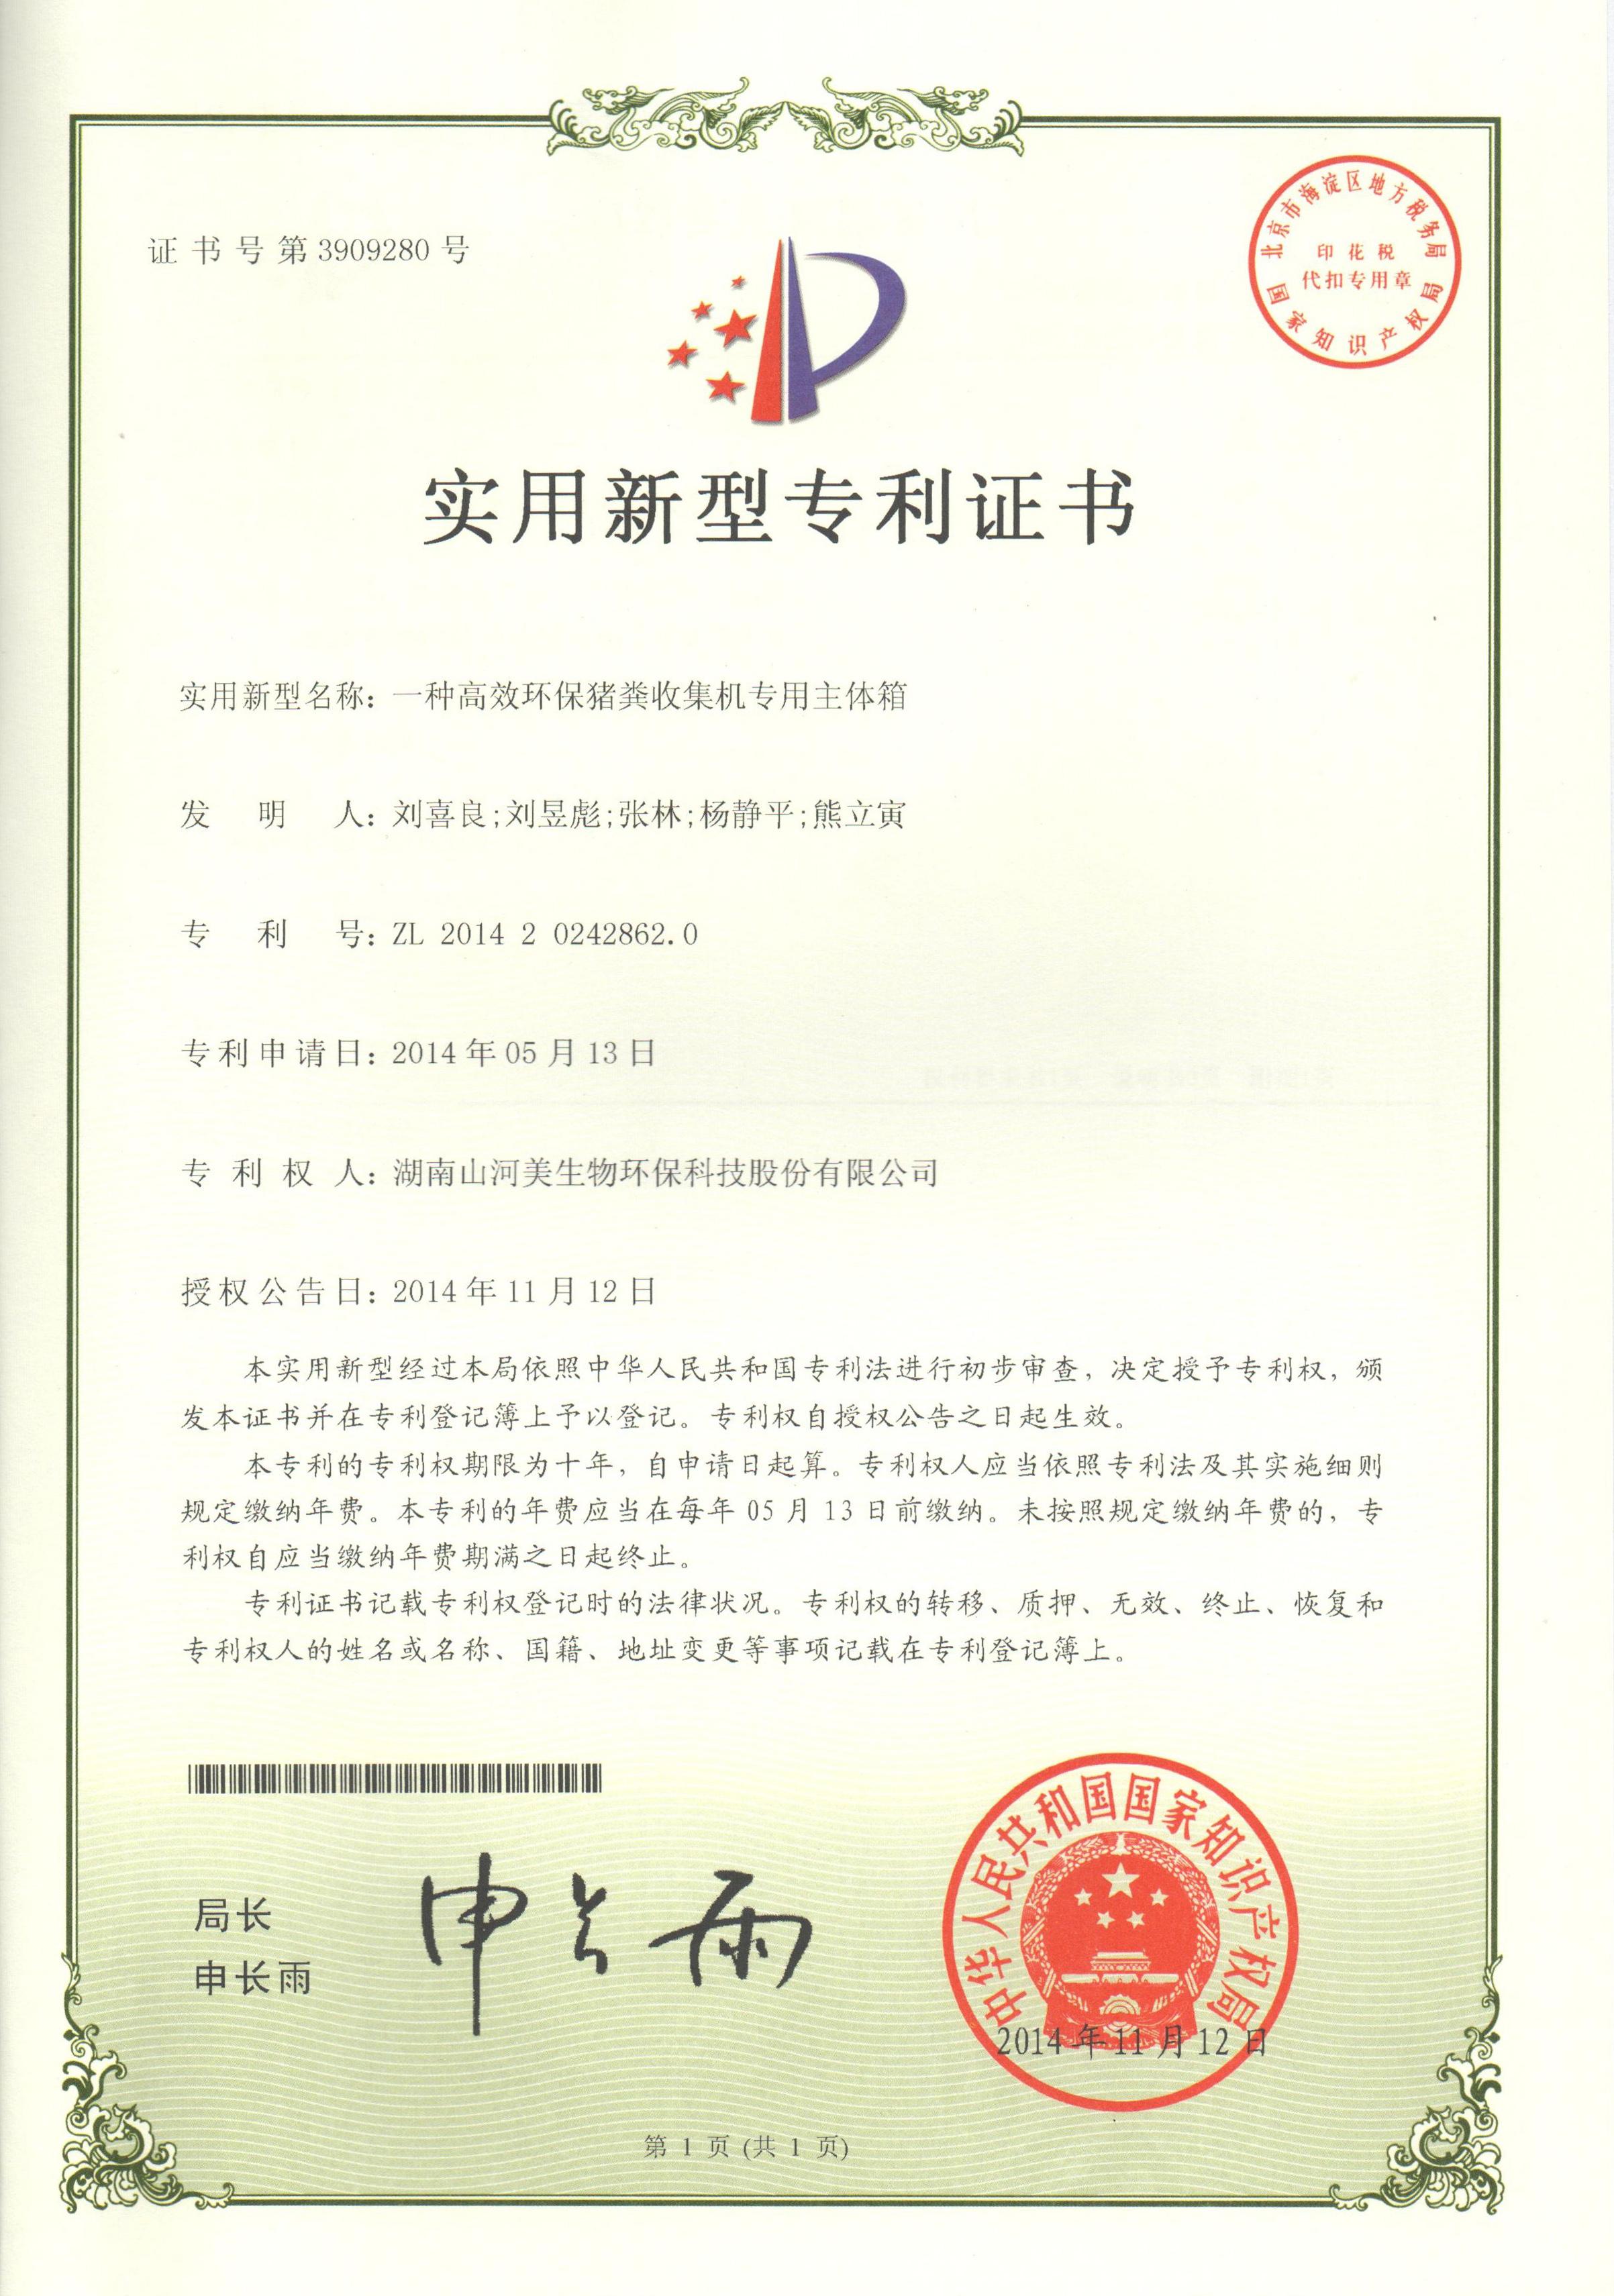 201420242862.0一種高效環保豬糞收集機專用主體箱